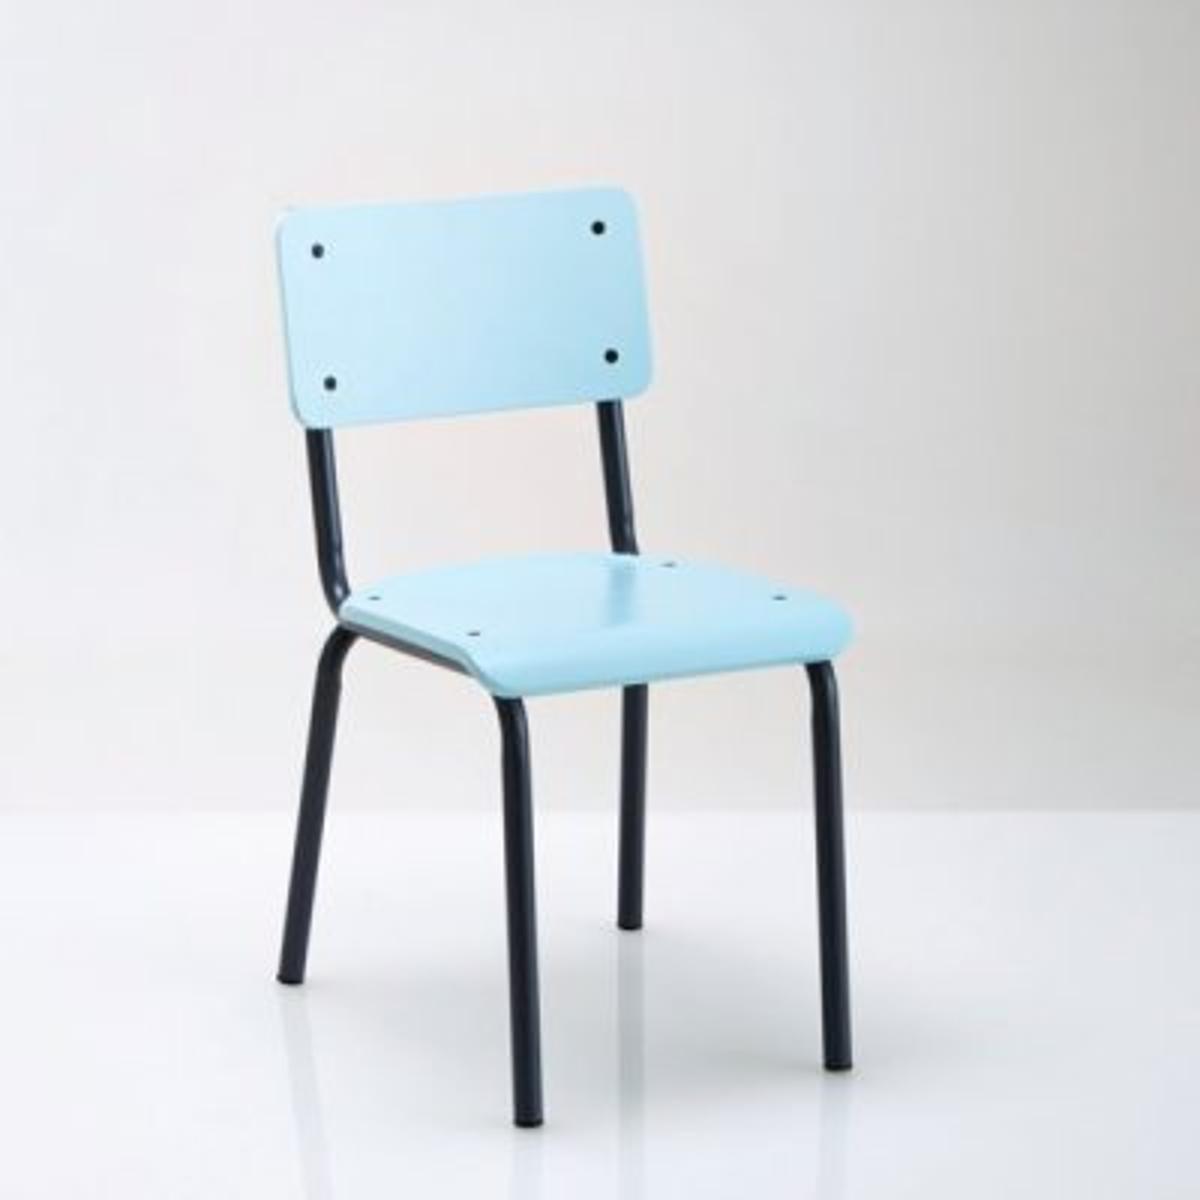 Стул в винтажном школьном стиле, ButonНапоминающий традиционную мебель школьных аудиторий, стул Buton выполнен в пастельных, слегка обновленных тонах .Характеристики школьного стула Buton :Сиденье и спинка из МДФ.Отделка матовым ПУ-лаком.Ножки из металла с эпоксидным покрытием серого цвета  .Найдите другую винтажную мебель и подходящий винтажный письменный стол Buton на сайте  laredoute.ru.Размеры школьного стула  :Общие размеры :Ширина : 33 см Высота : 65 см Глубина : 40 см.Сиденье : высота 35,5 см Размер и вес с упаковкой :1 упаковка47 x 38 x 69 см 6,15 кг  :Школьный стул в винтажном стиле Buton продается готовым к сборке .  ! ! :..  .<br><br>Цвет: бледно-розовый